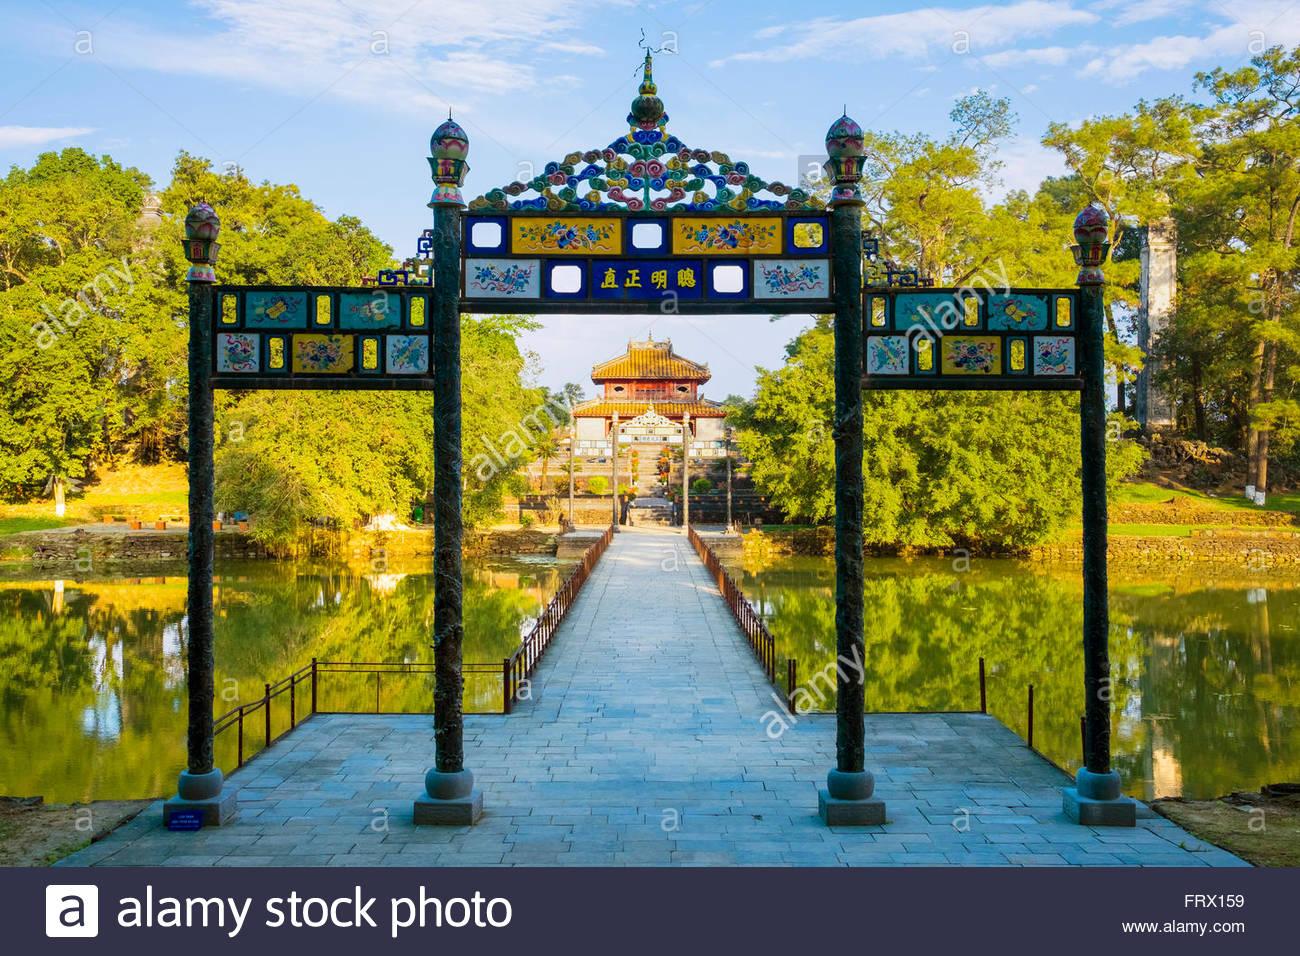 Tomb of Minh Mang (Lang Minh Mang), Huong Tra District, Thua Thien-Hue Province, Vietnam - Stock Image